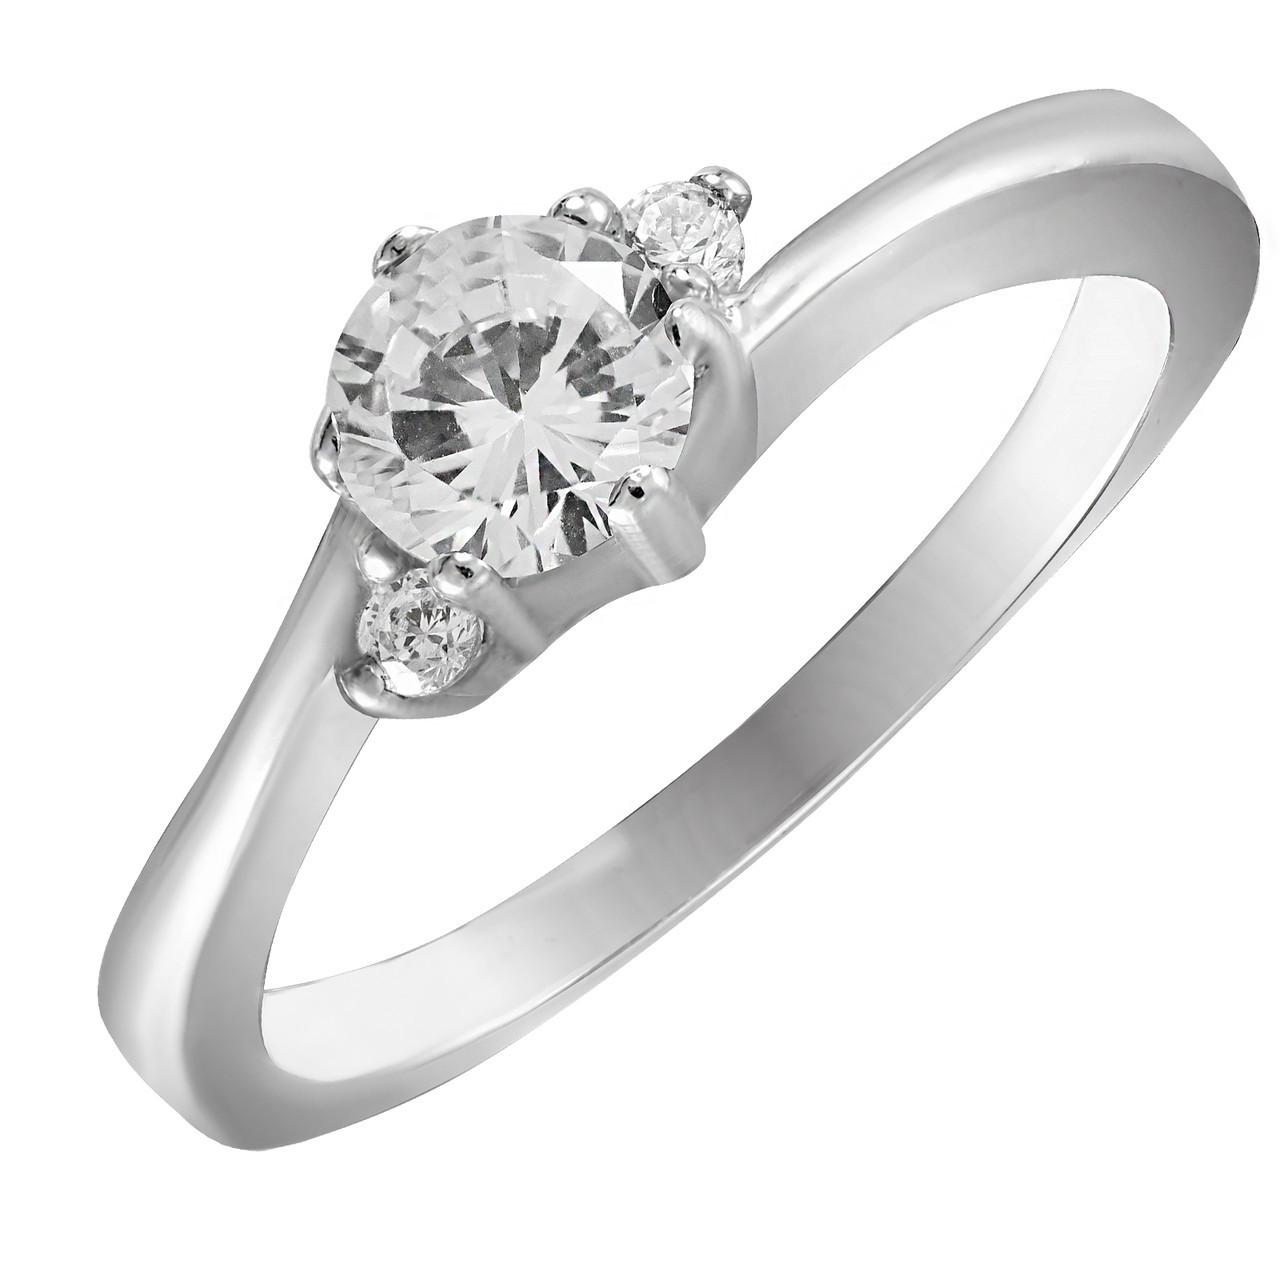 Кольцо из серебра с кубическим цирконием Twiddle Jewelry 21.0 размер (К019-21.0)